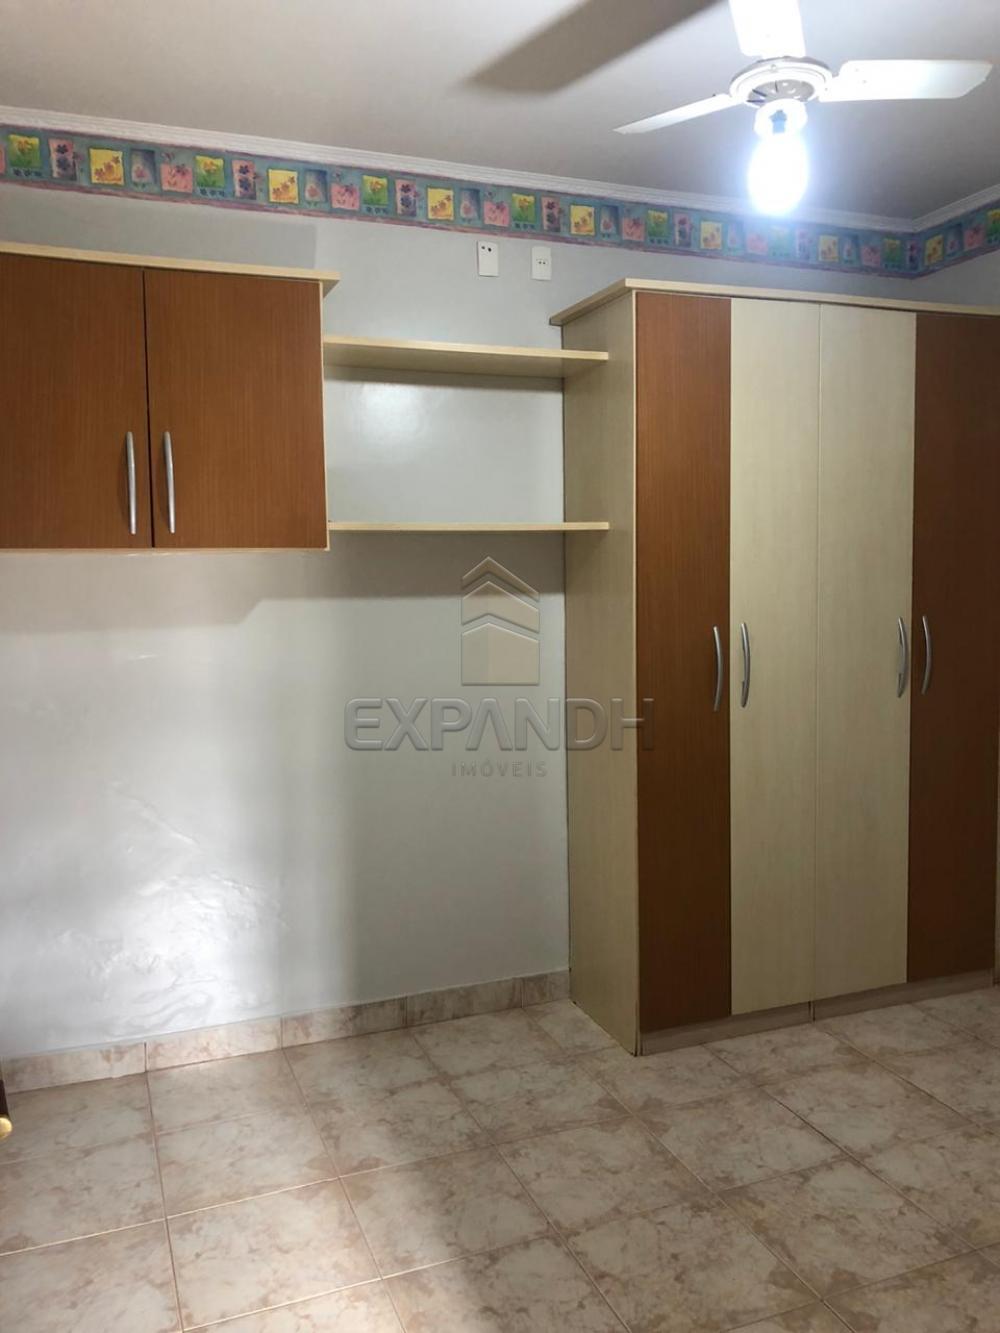 Alugar Casas / Padrão em Sertãozinho R$ 1.300,00 - Foto 15